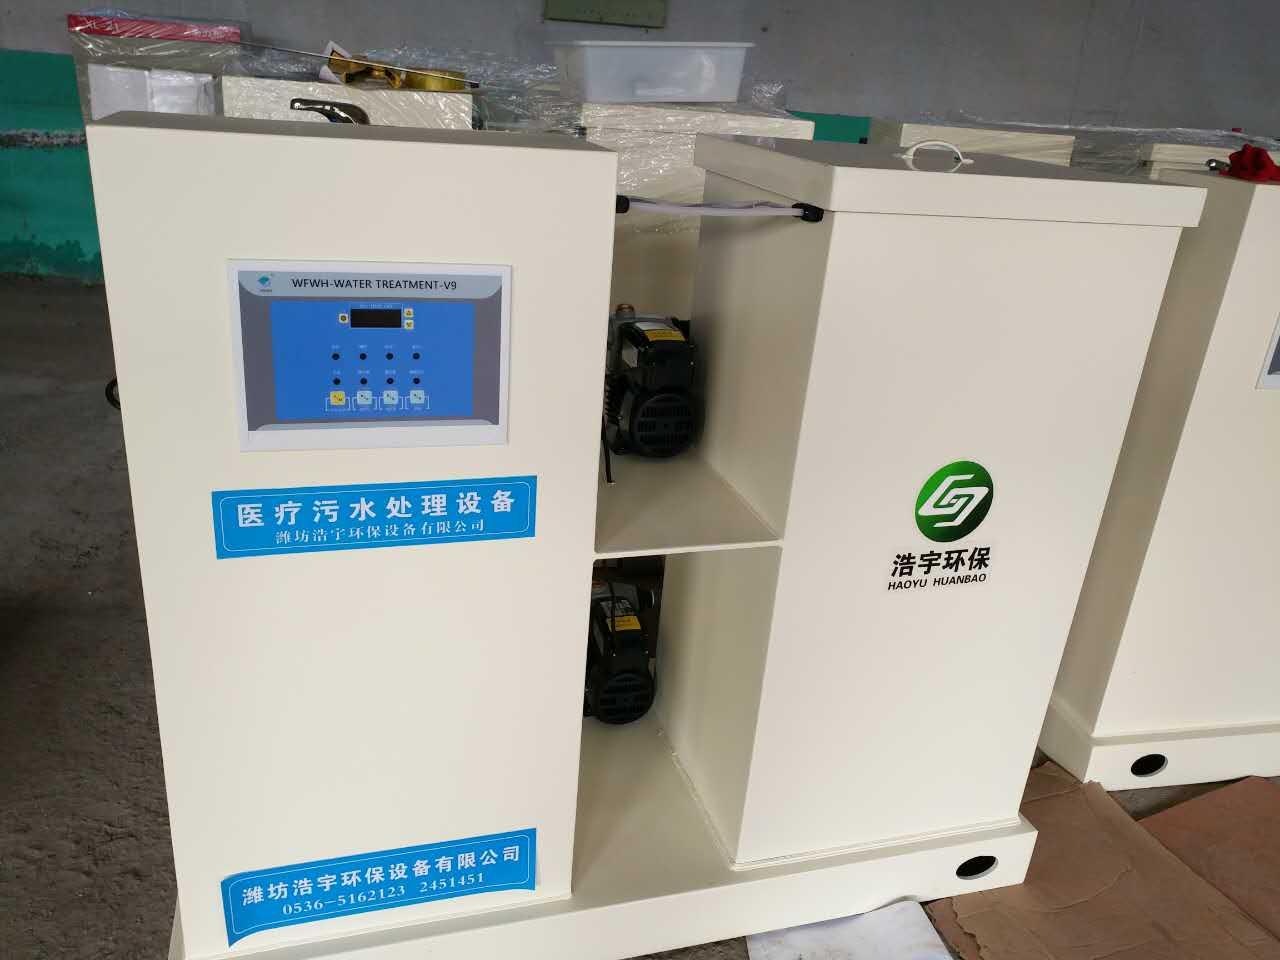 手術室污水處理設備特點 <br> 全新  價格:6800 <br> <img src=http://k.kqzp.cn/img/up/img/5e0010de49c5f.jpg width=150 >